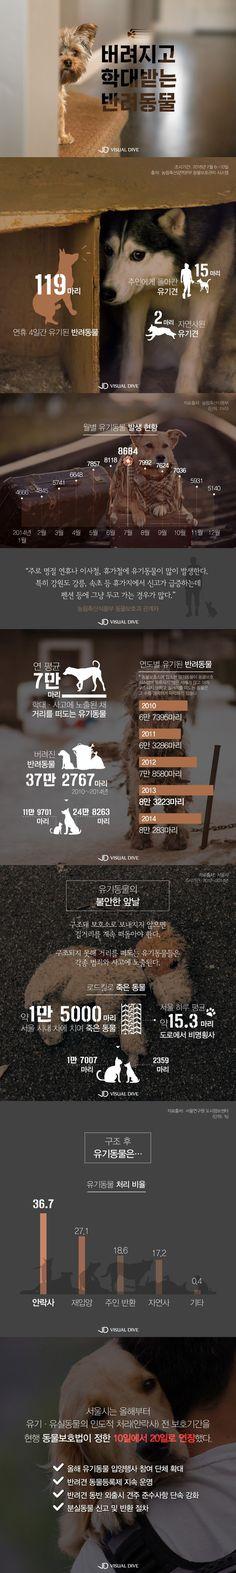 5년간 유기된 반려동물 37만 마리…보호대책 '시급' [인포그래픽] #dog / #Infographic ⓒ 비주얼다이브 무단 복사·전재·재배포…